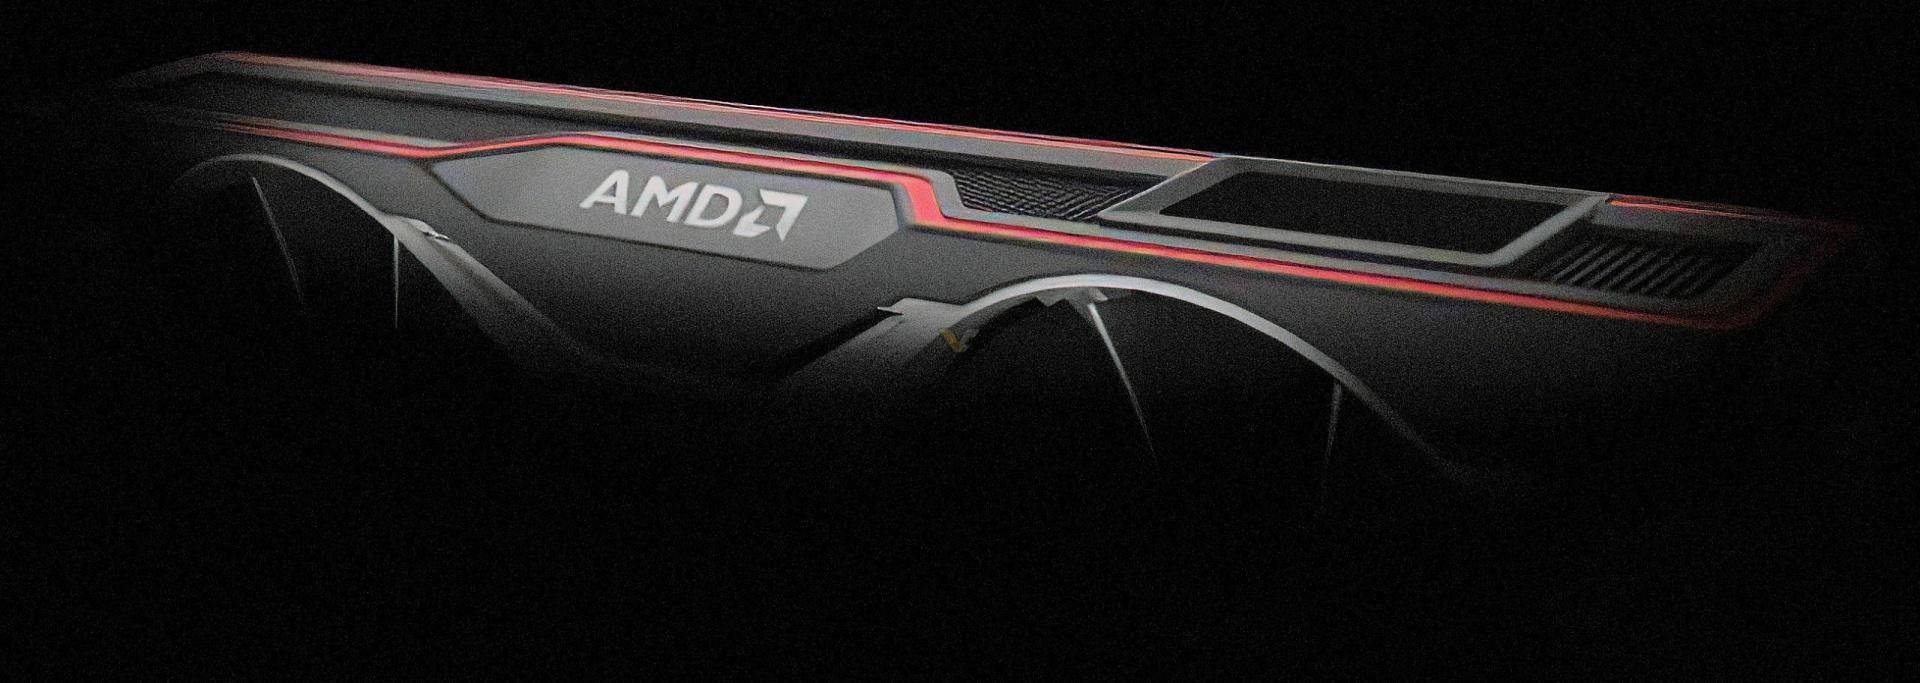 AMD подтвердила, что продукты на базе Zen3 и RDNA2 выйдут в конце 2020 года